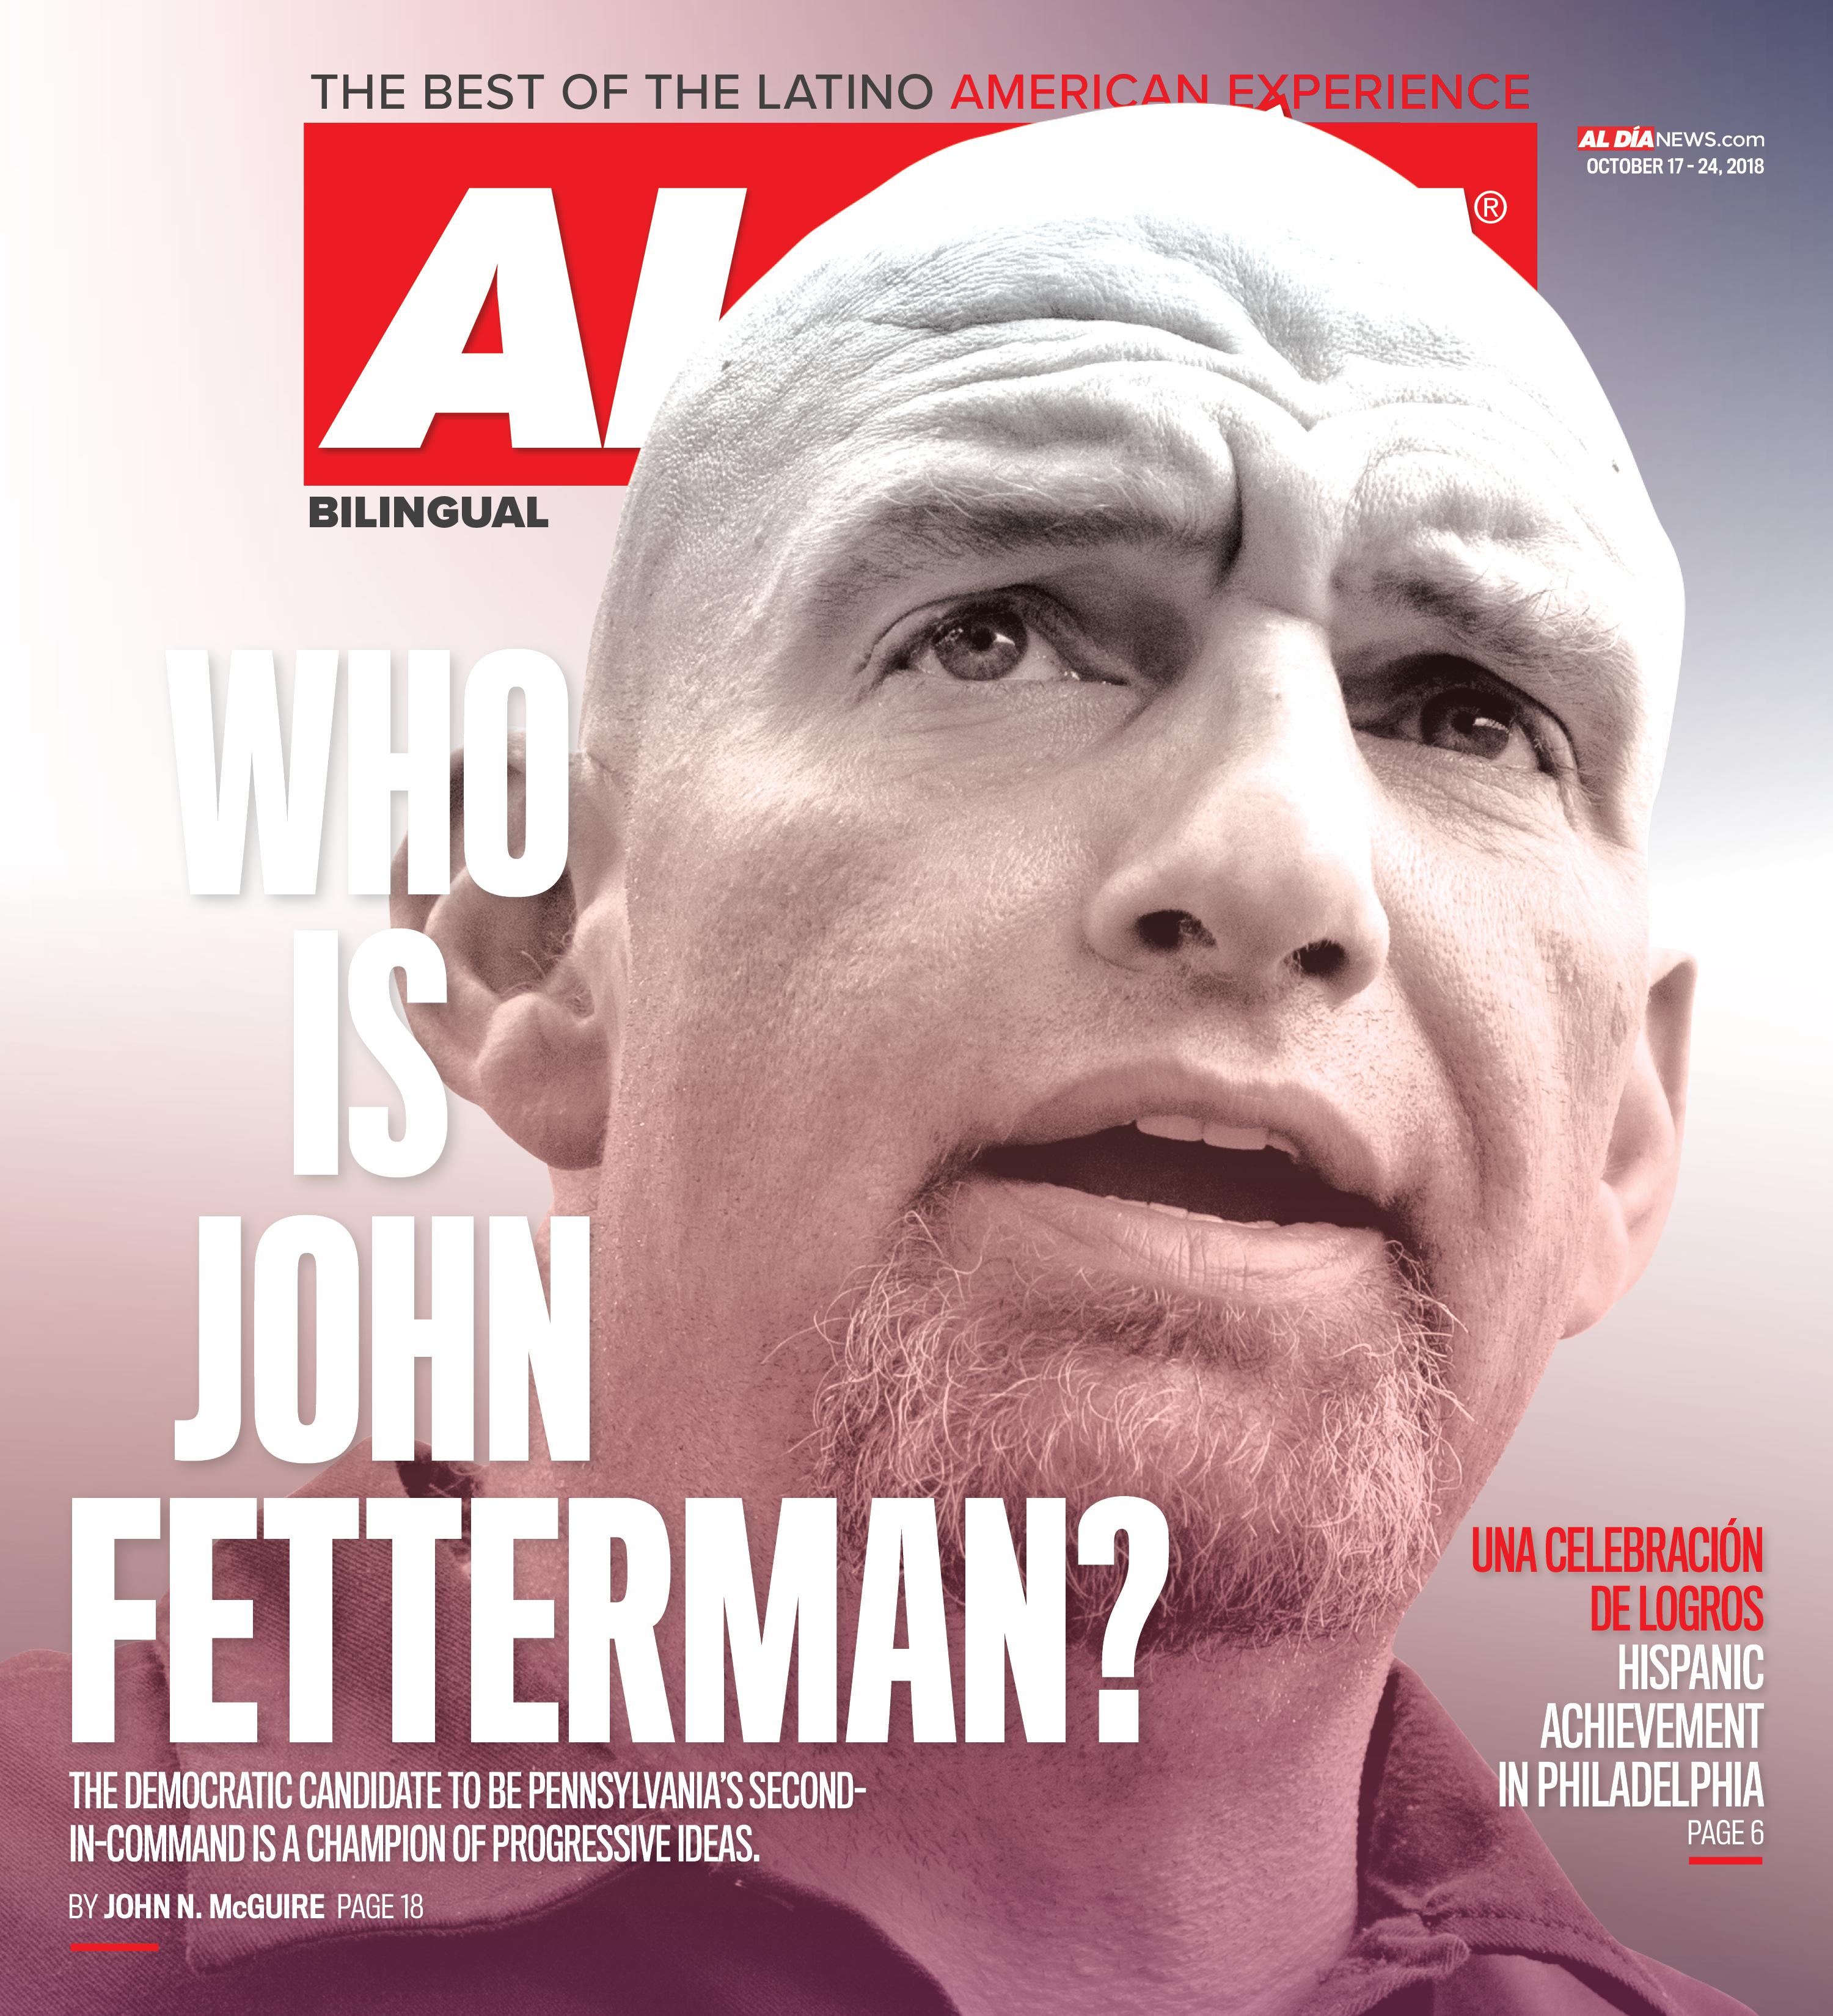 AL DIA News Print Edition October 17 - 24, 2018